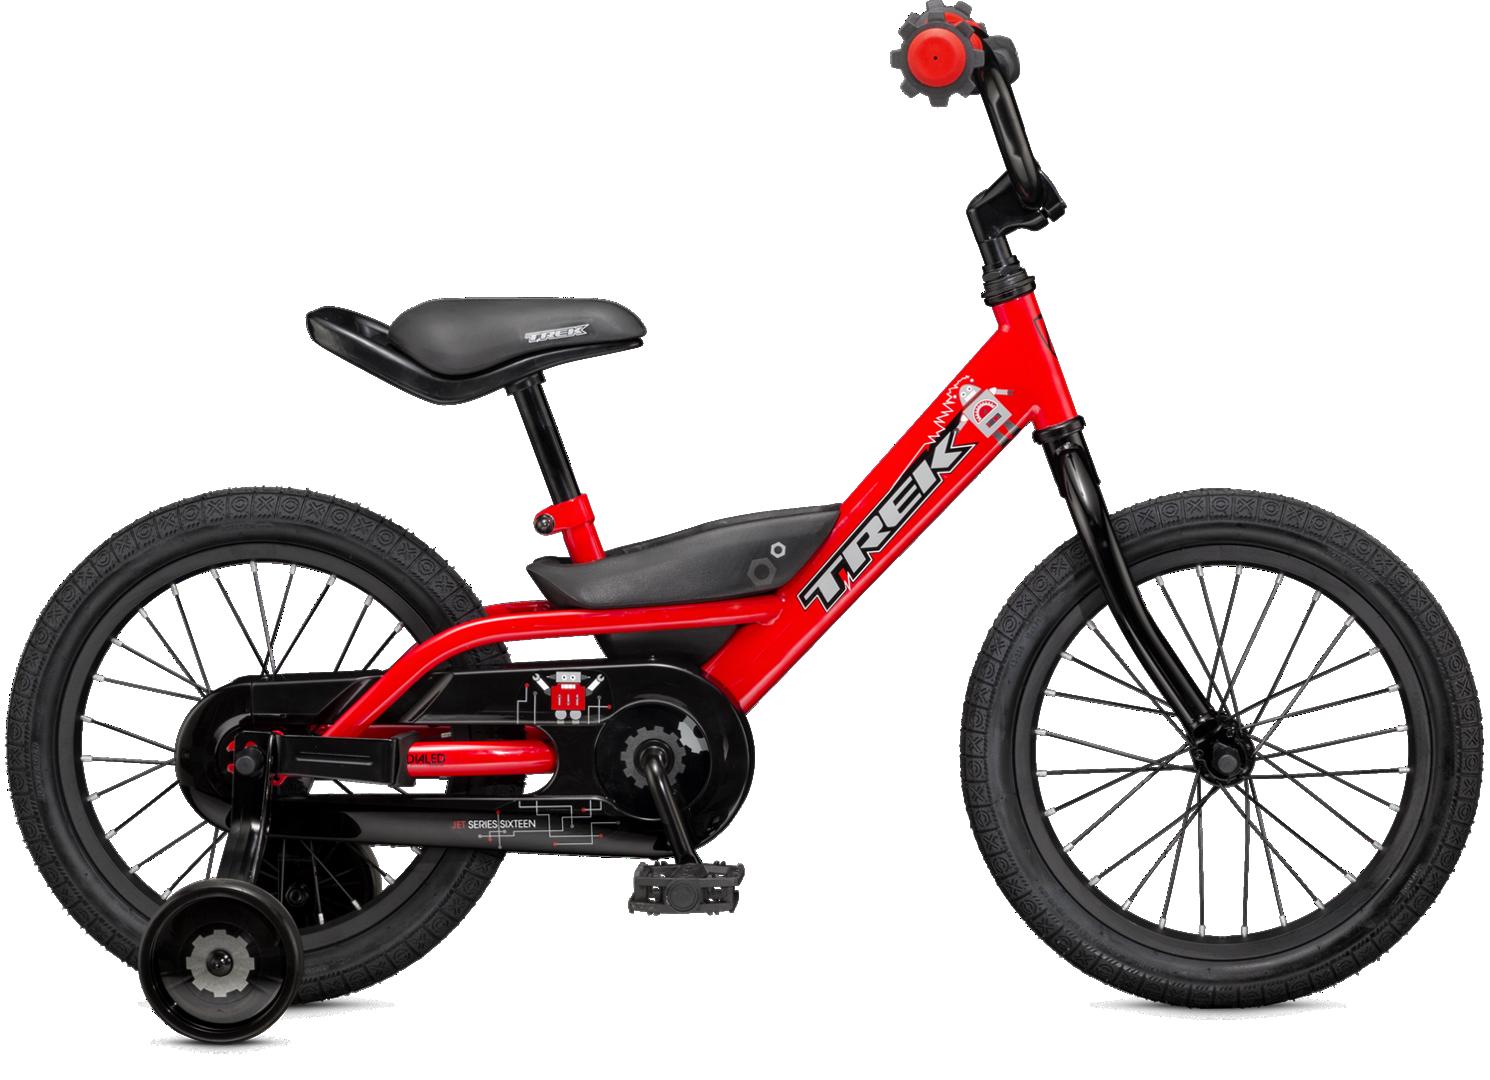 Jet 16 Trek Bicycle